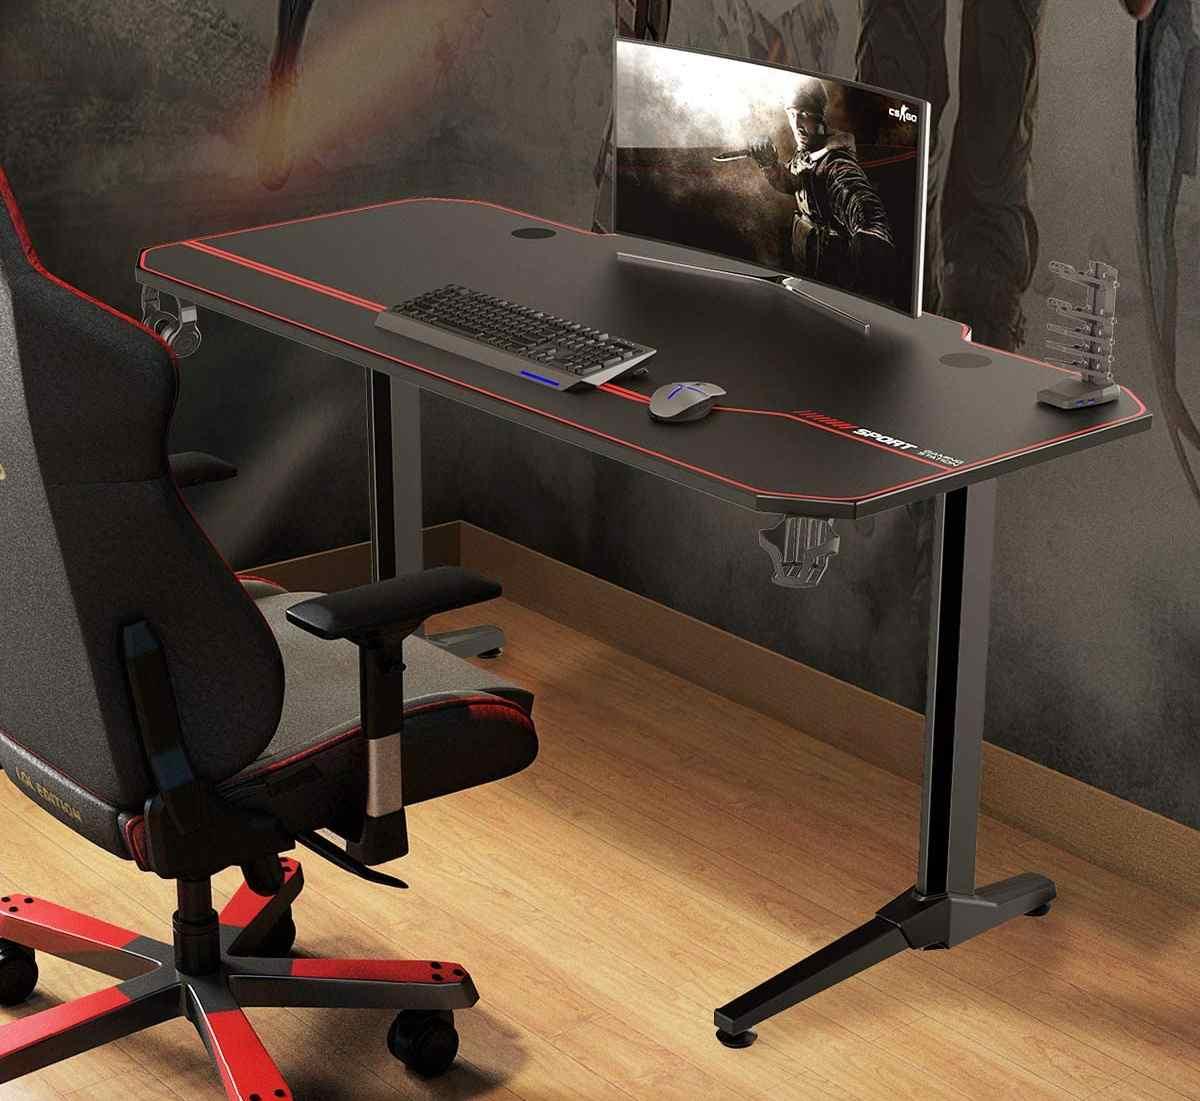 scrivania-gaming-amazon-prezzo-economico-low-cost-alta-qualita